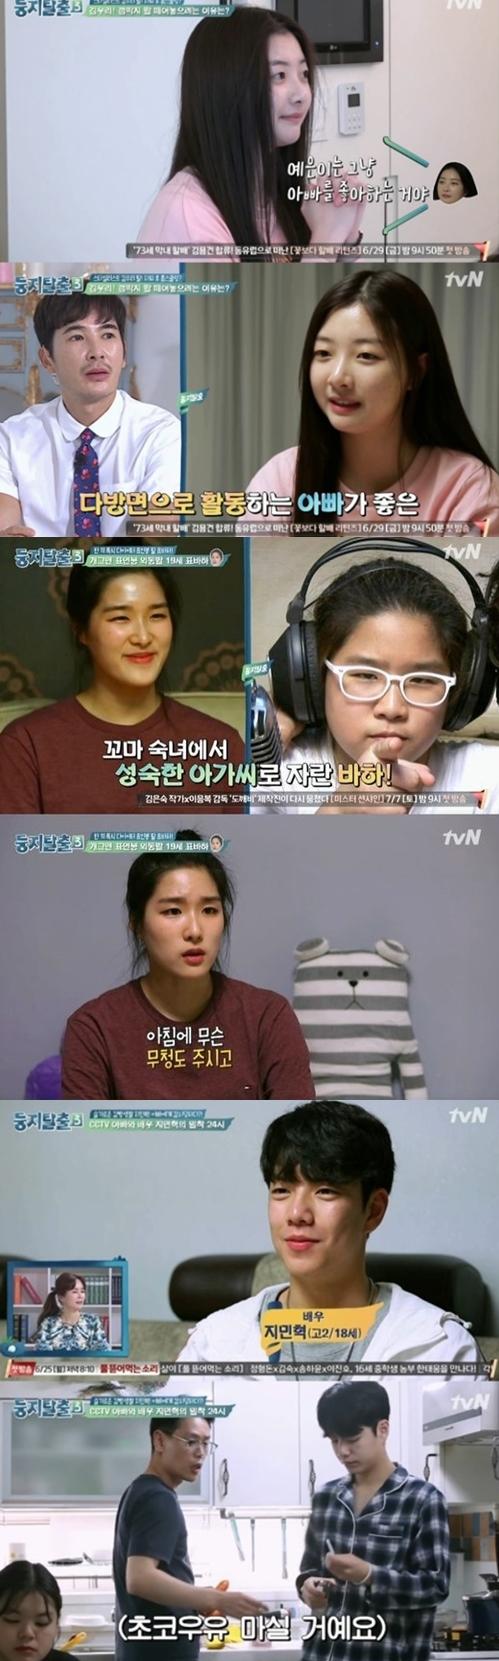 김우리X김예은 부녀 활약… '둥지탈출3' 자체 최고 시청률 기록